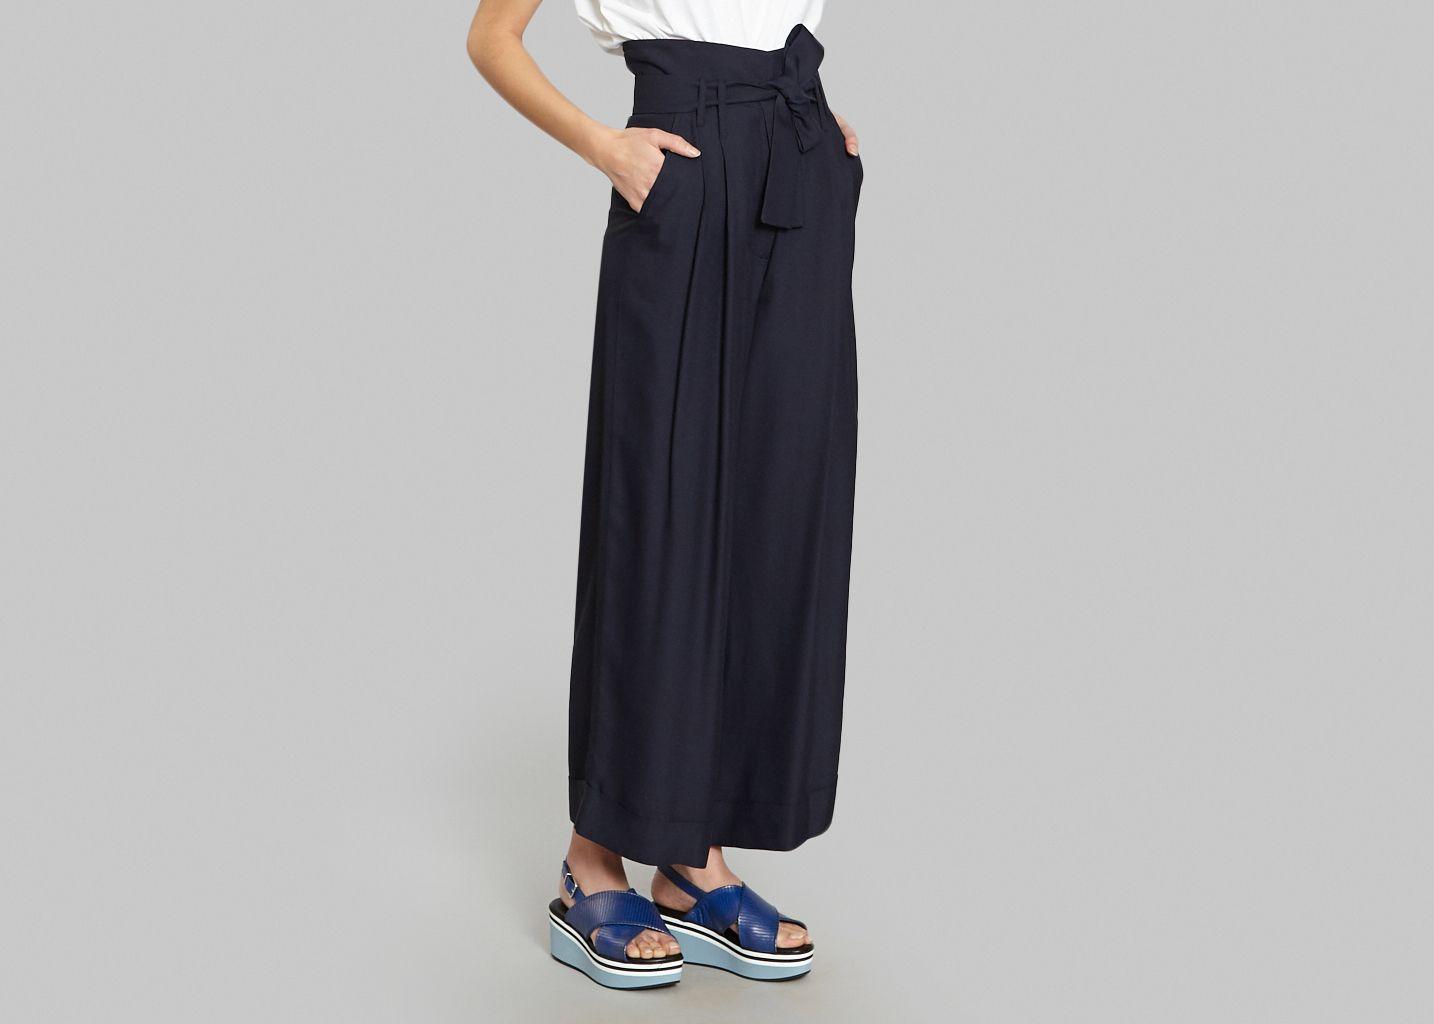 Pantalon L'Exploratrice - Tara Jarmon